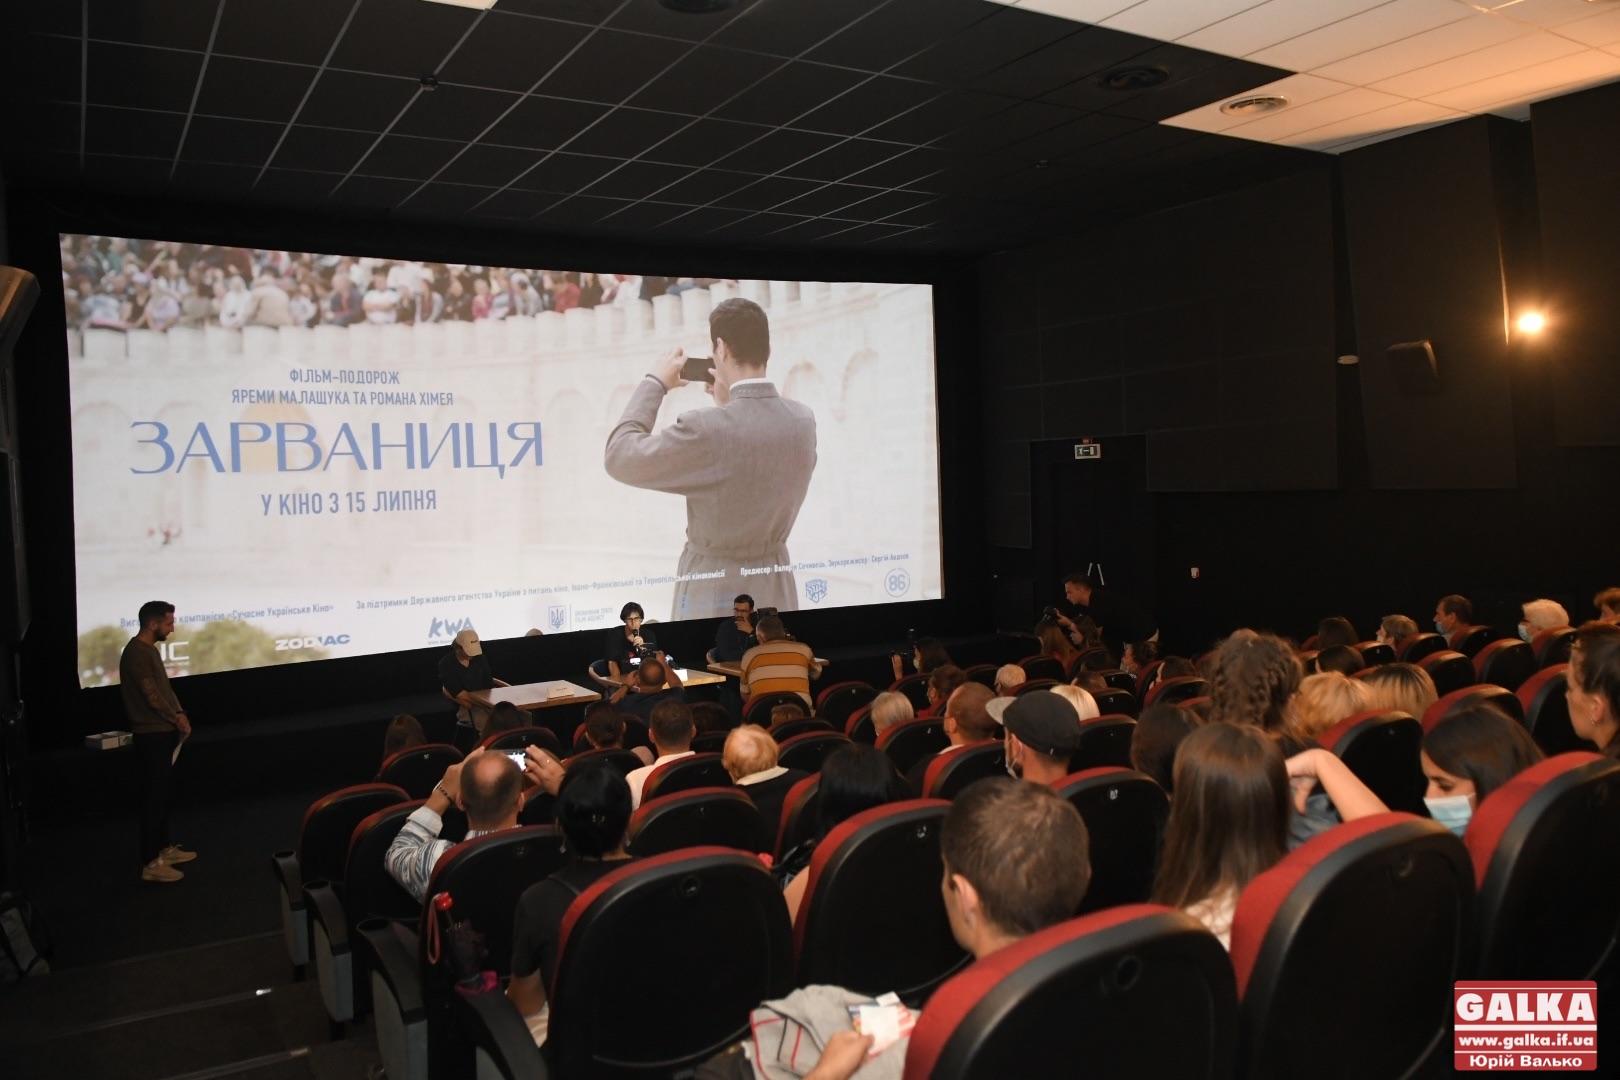 «Зарваниця»: у Франківську презентували фільм-подорож про паломництво до святого місця (ФОТО)